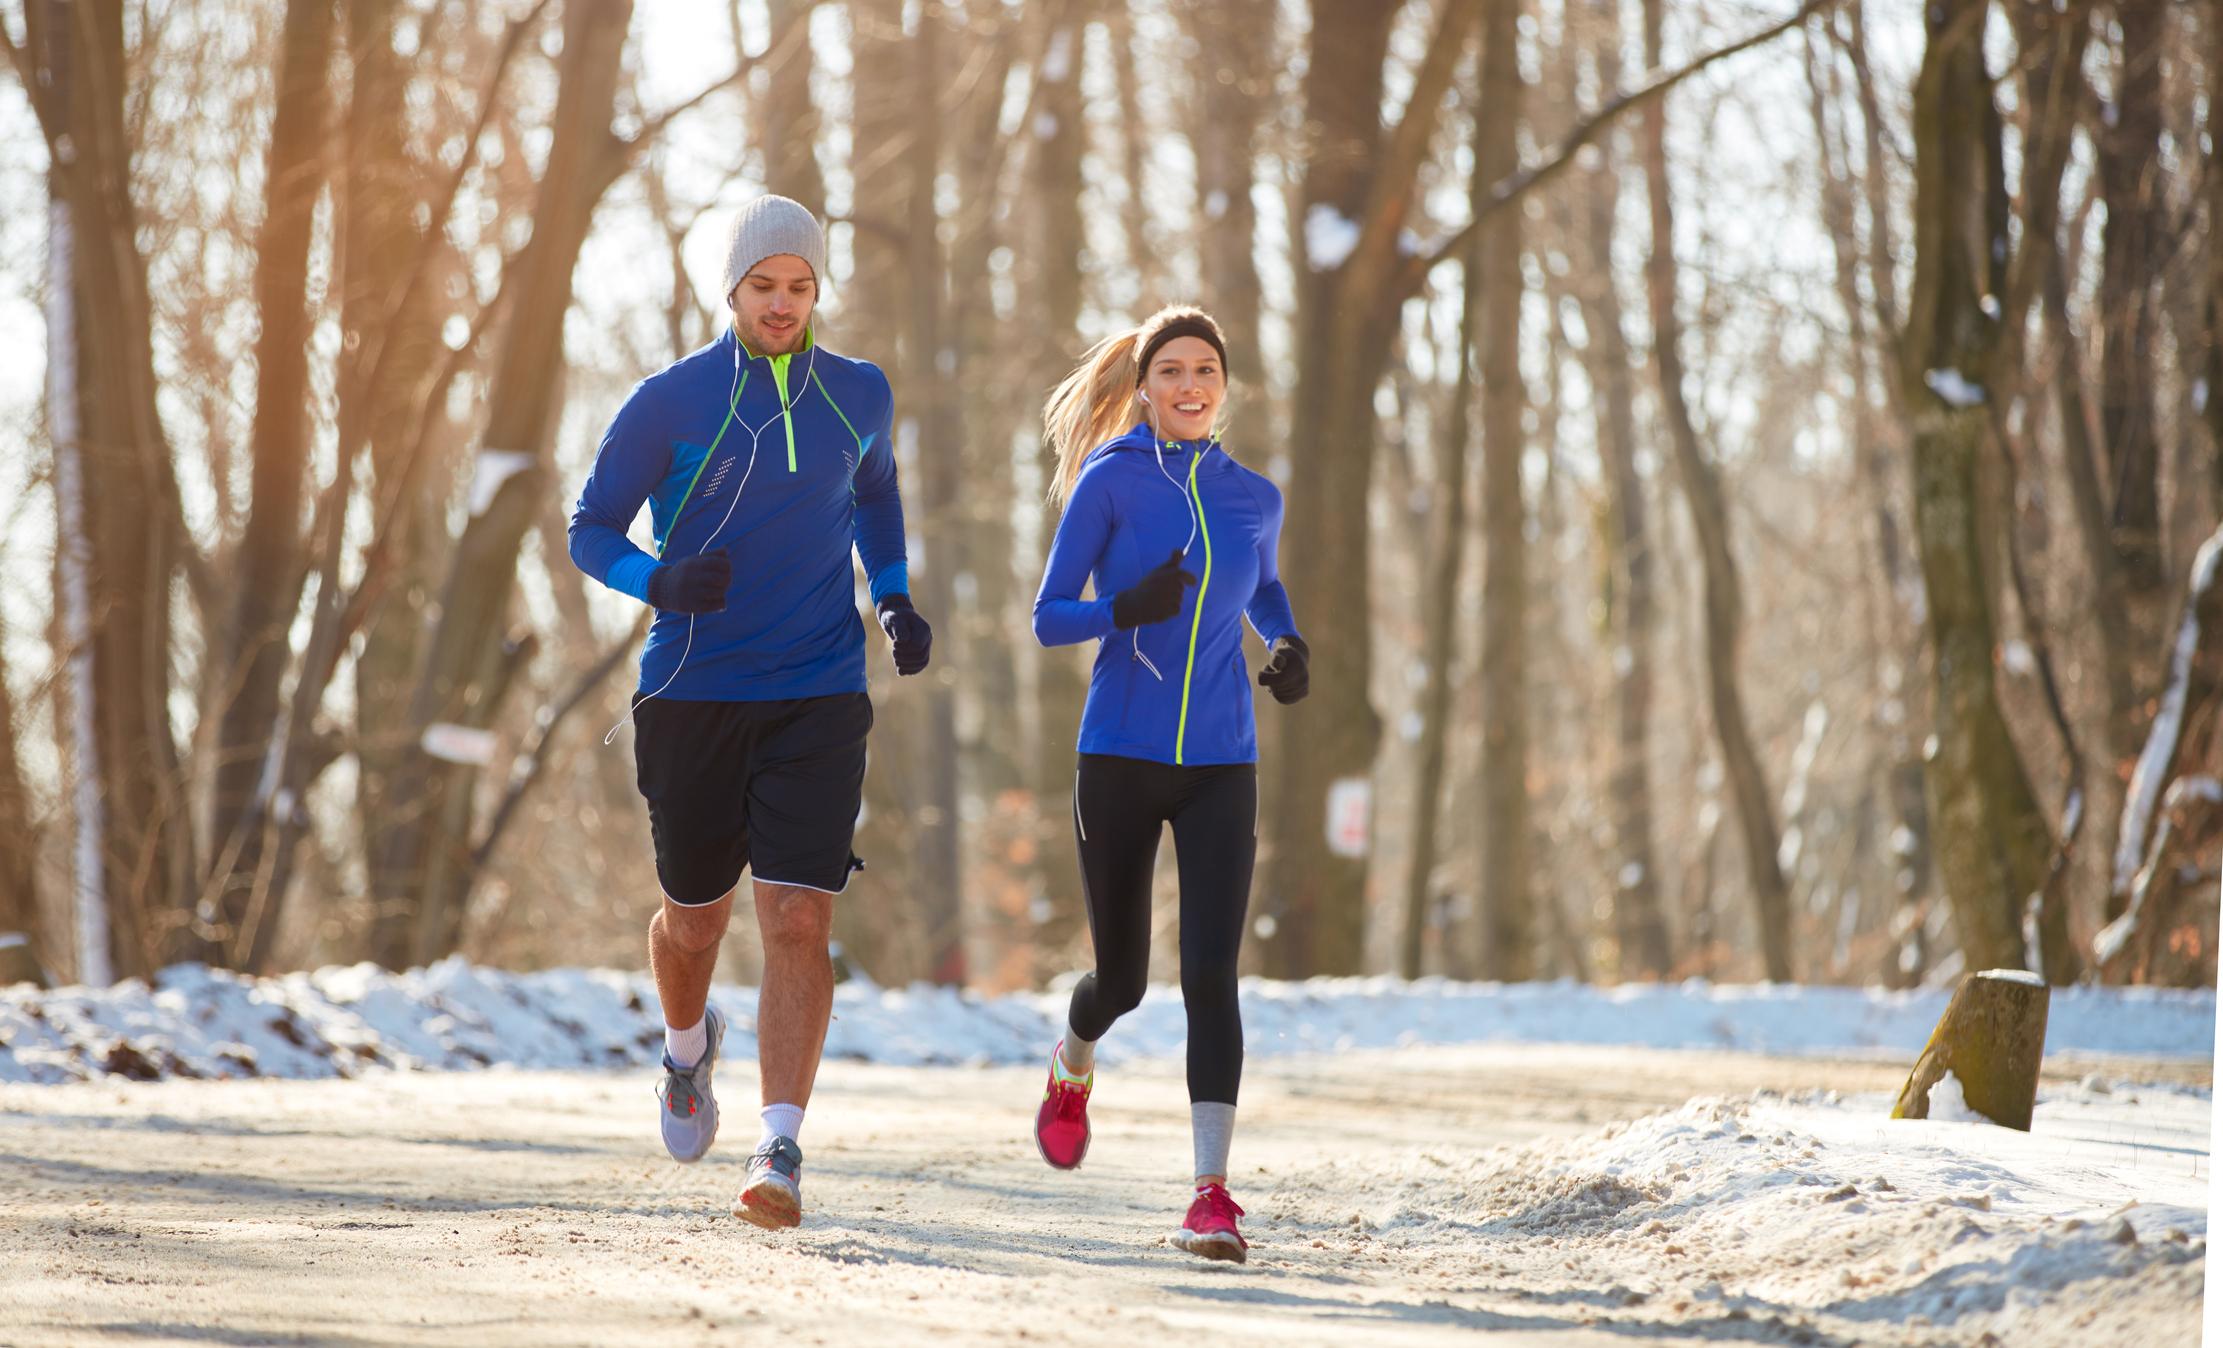 упражнения на улице зимой